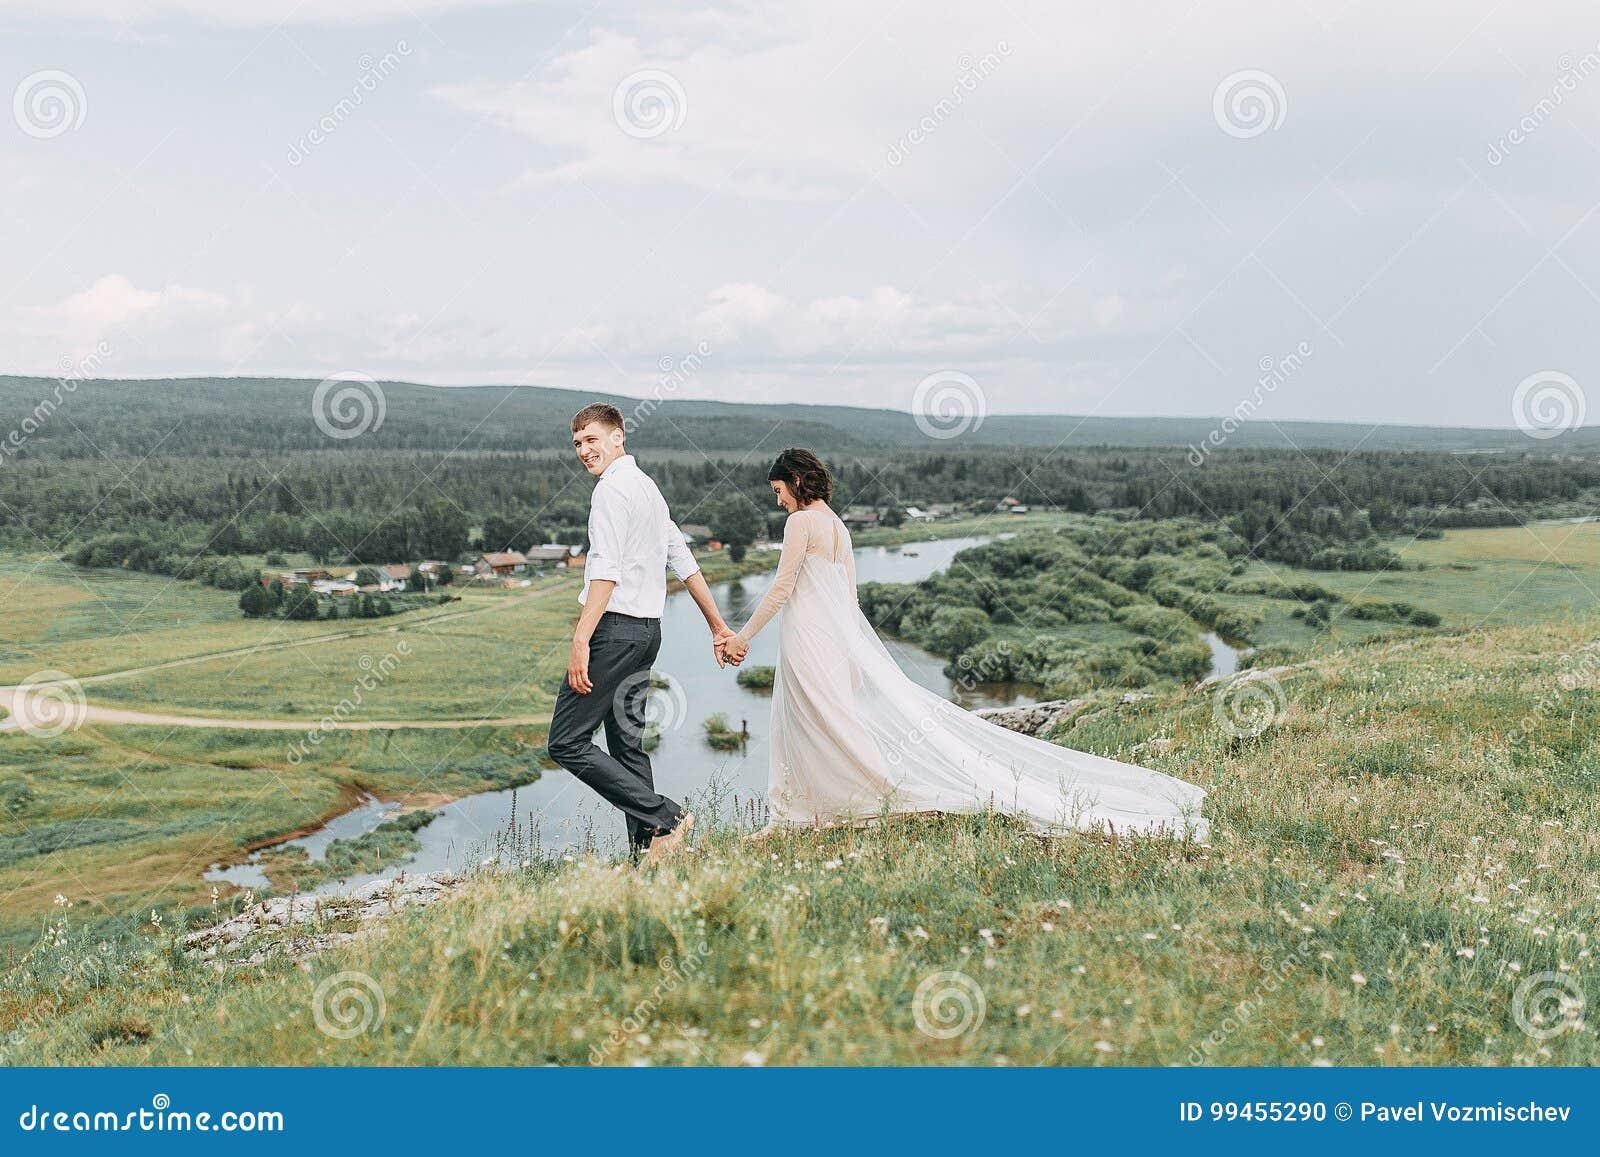 Мечт свадьба в горах